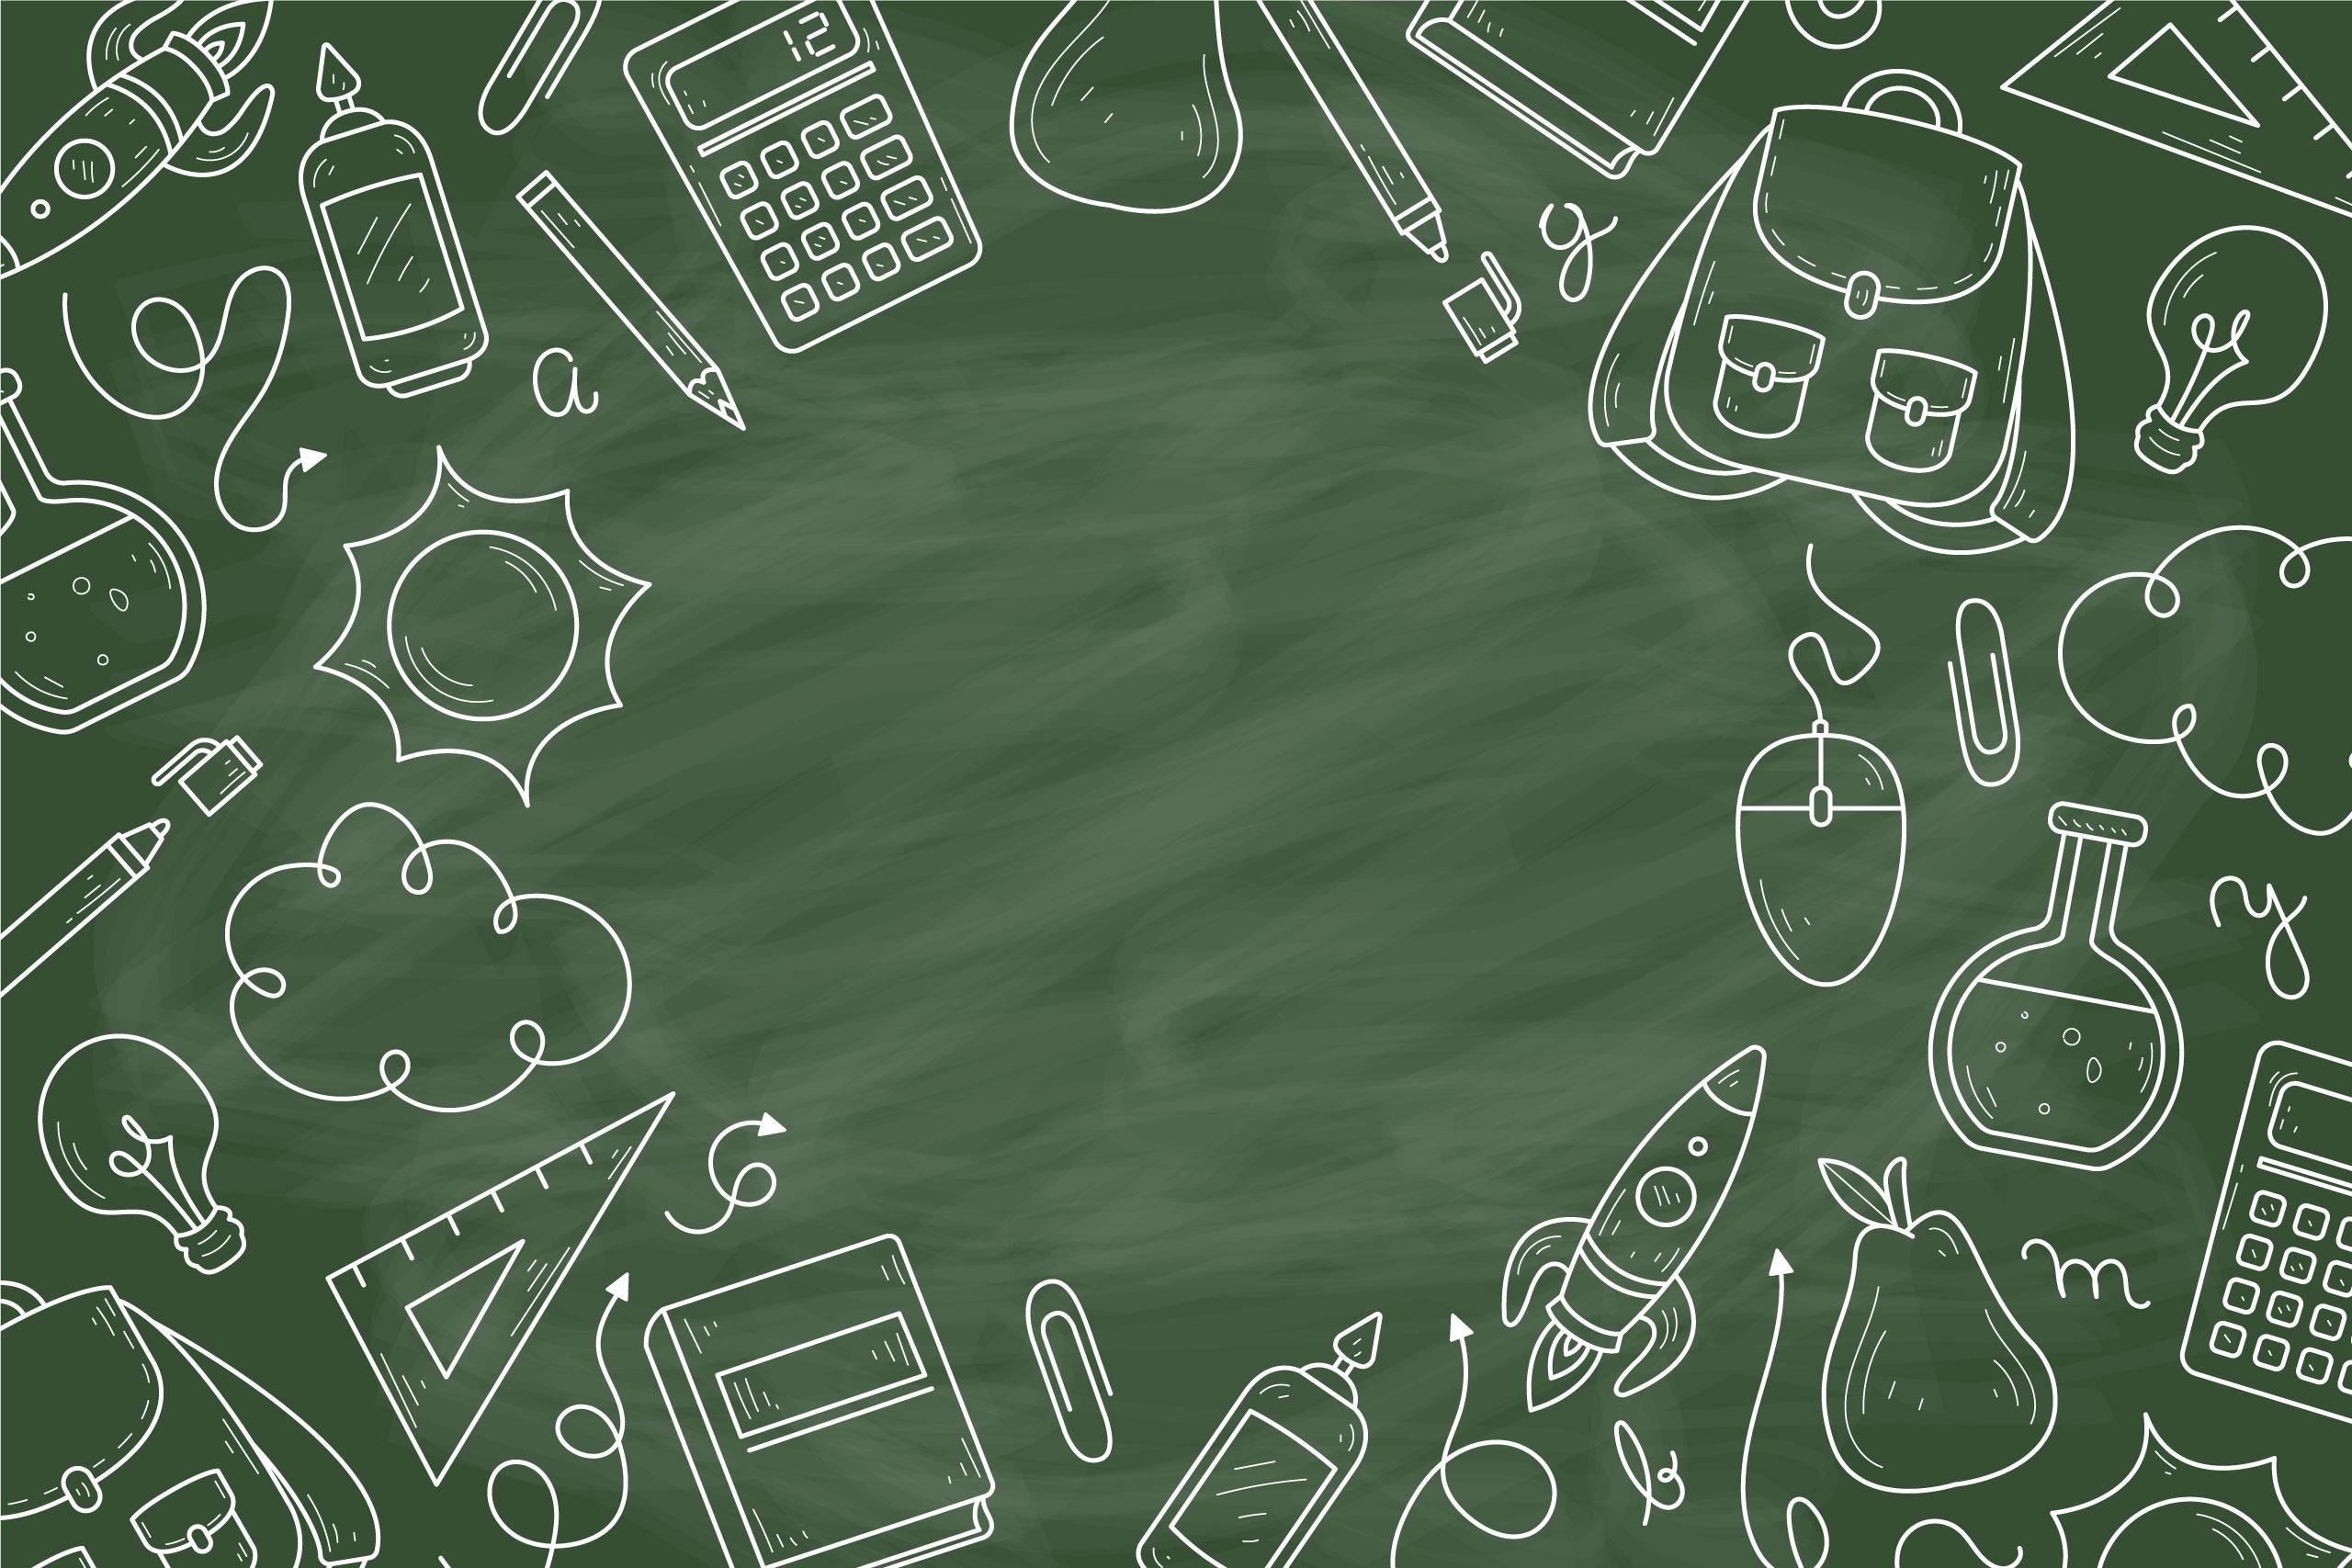 Картинка фон для фотошопа школьная доска зелёного цвета с рисунками мелом